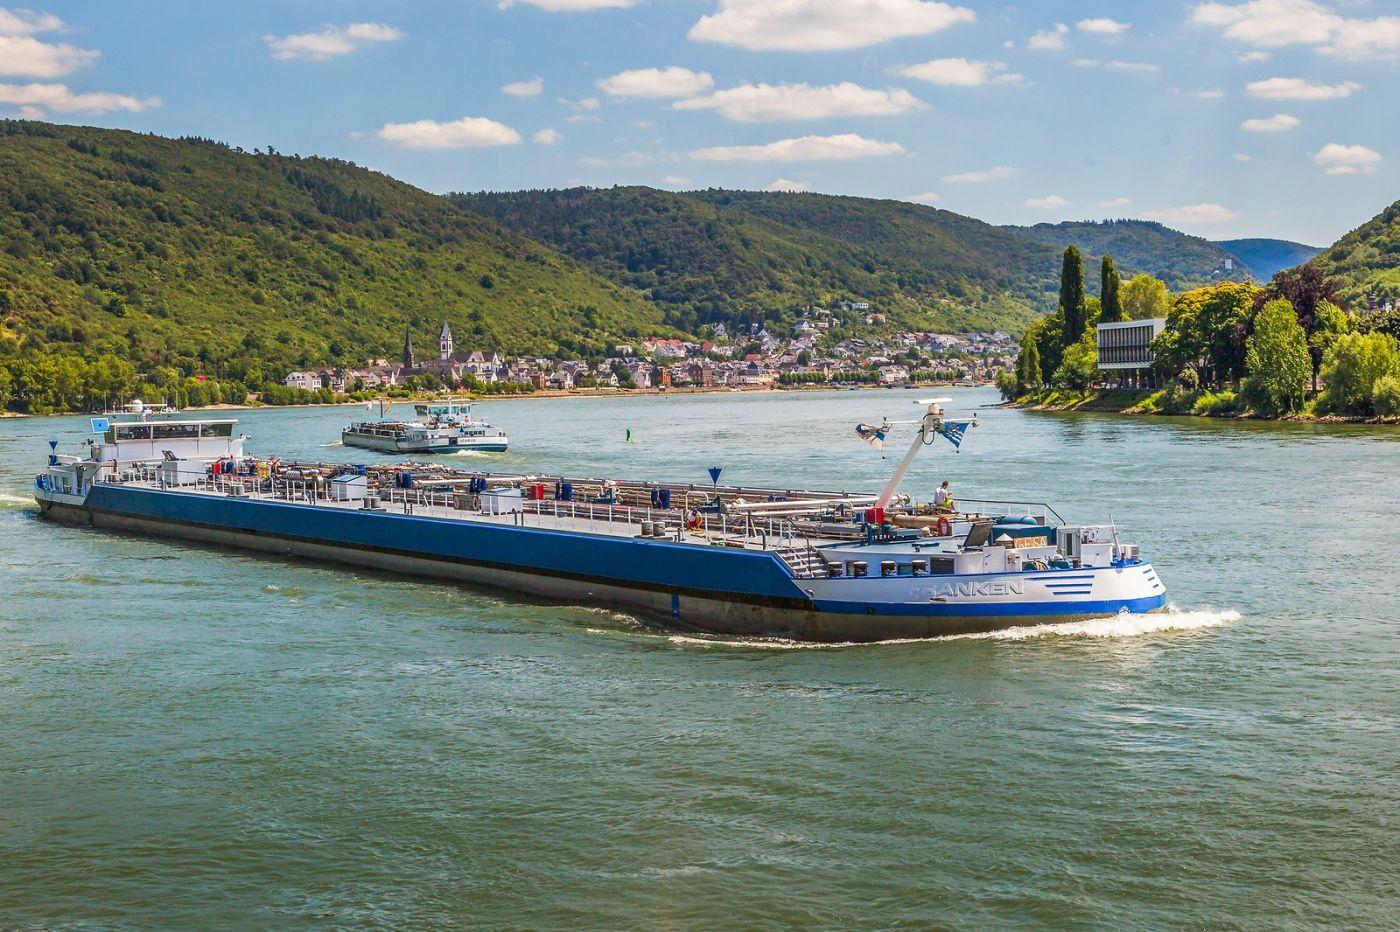 畅游莱茵河,游船商船另一道景_图1-4